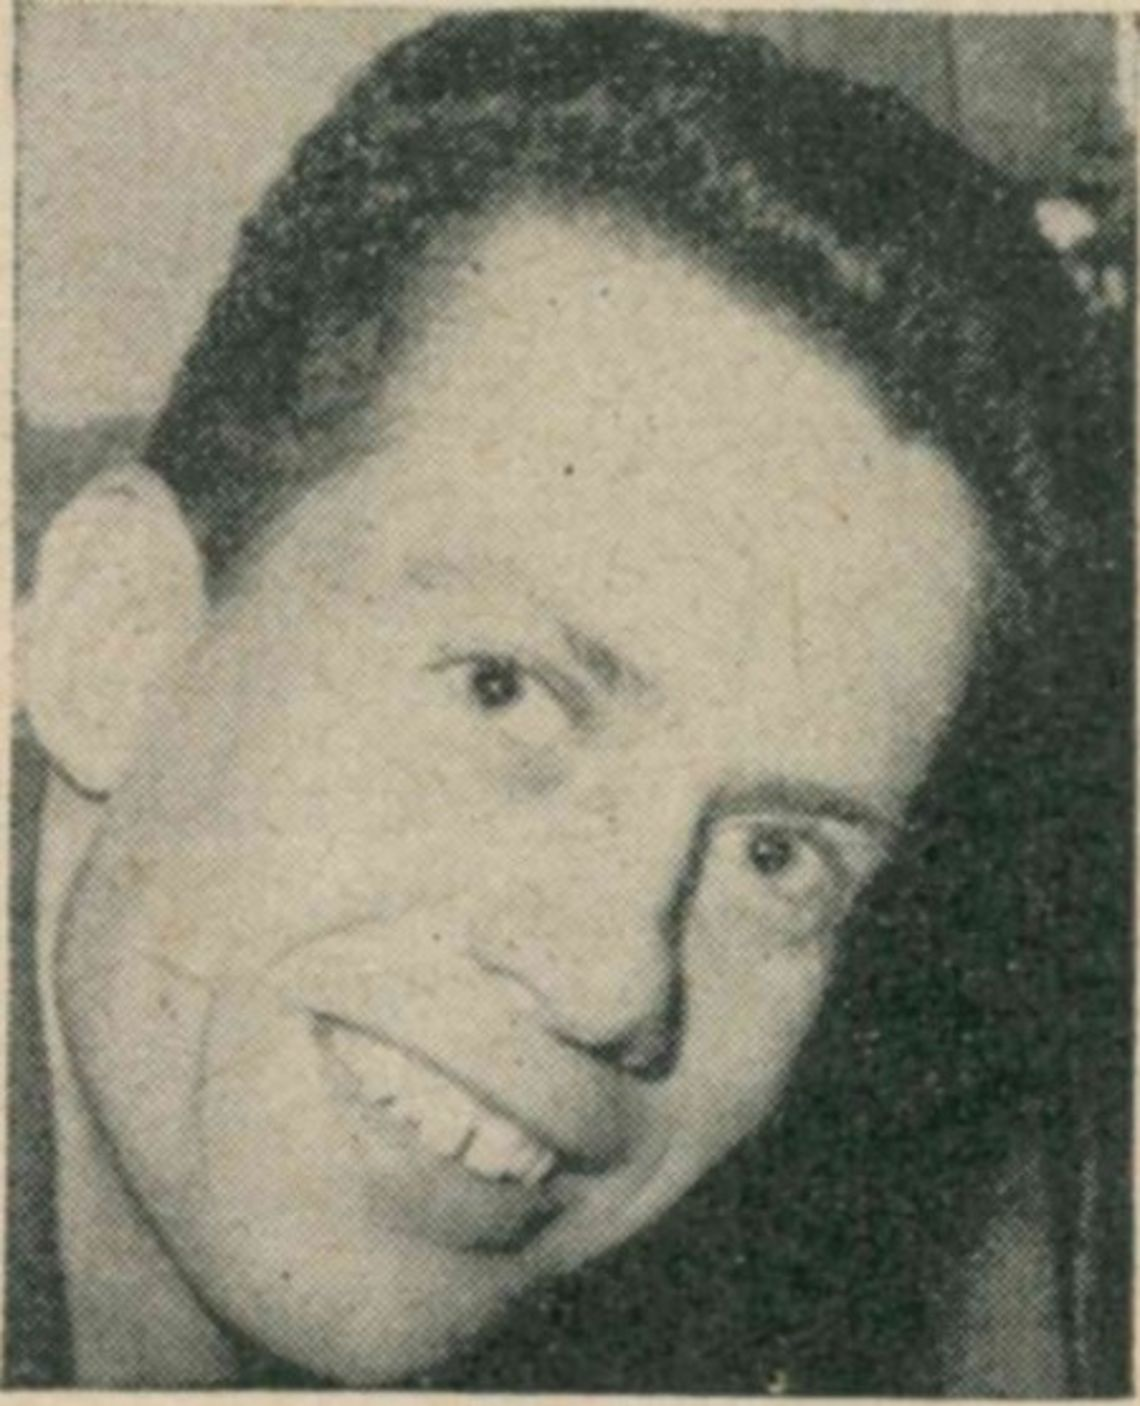 Klaus Langhoff